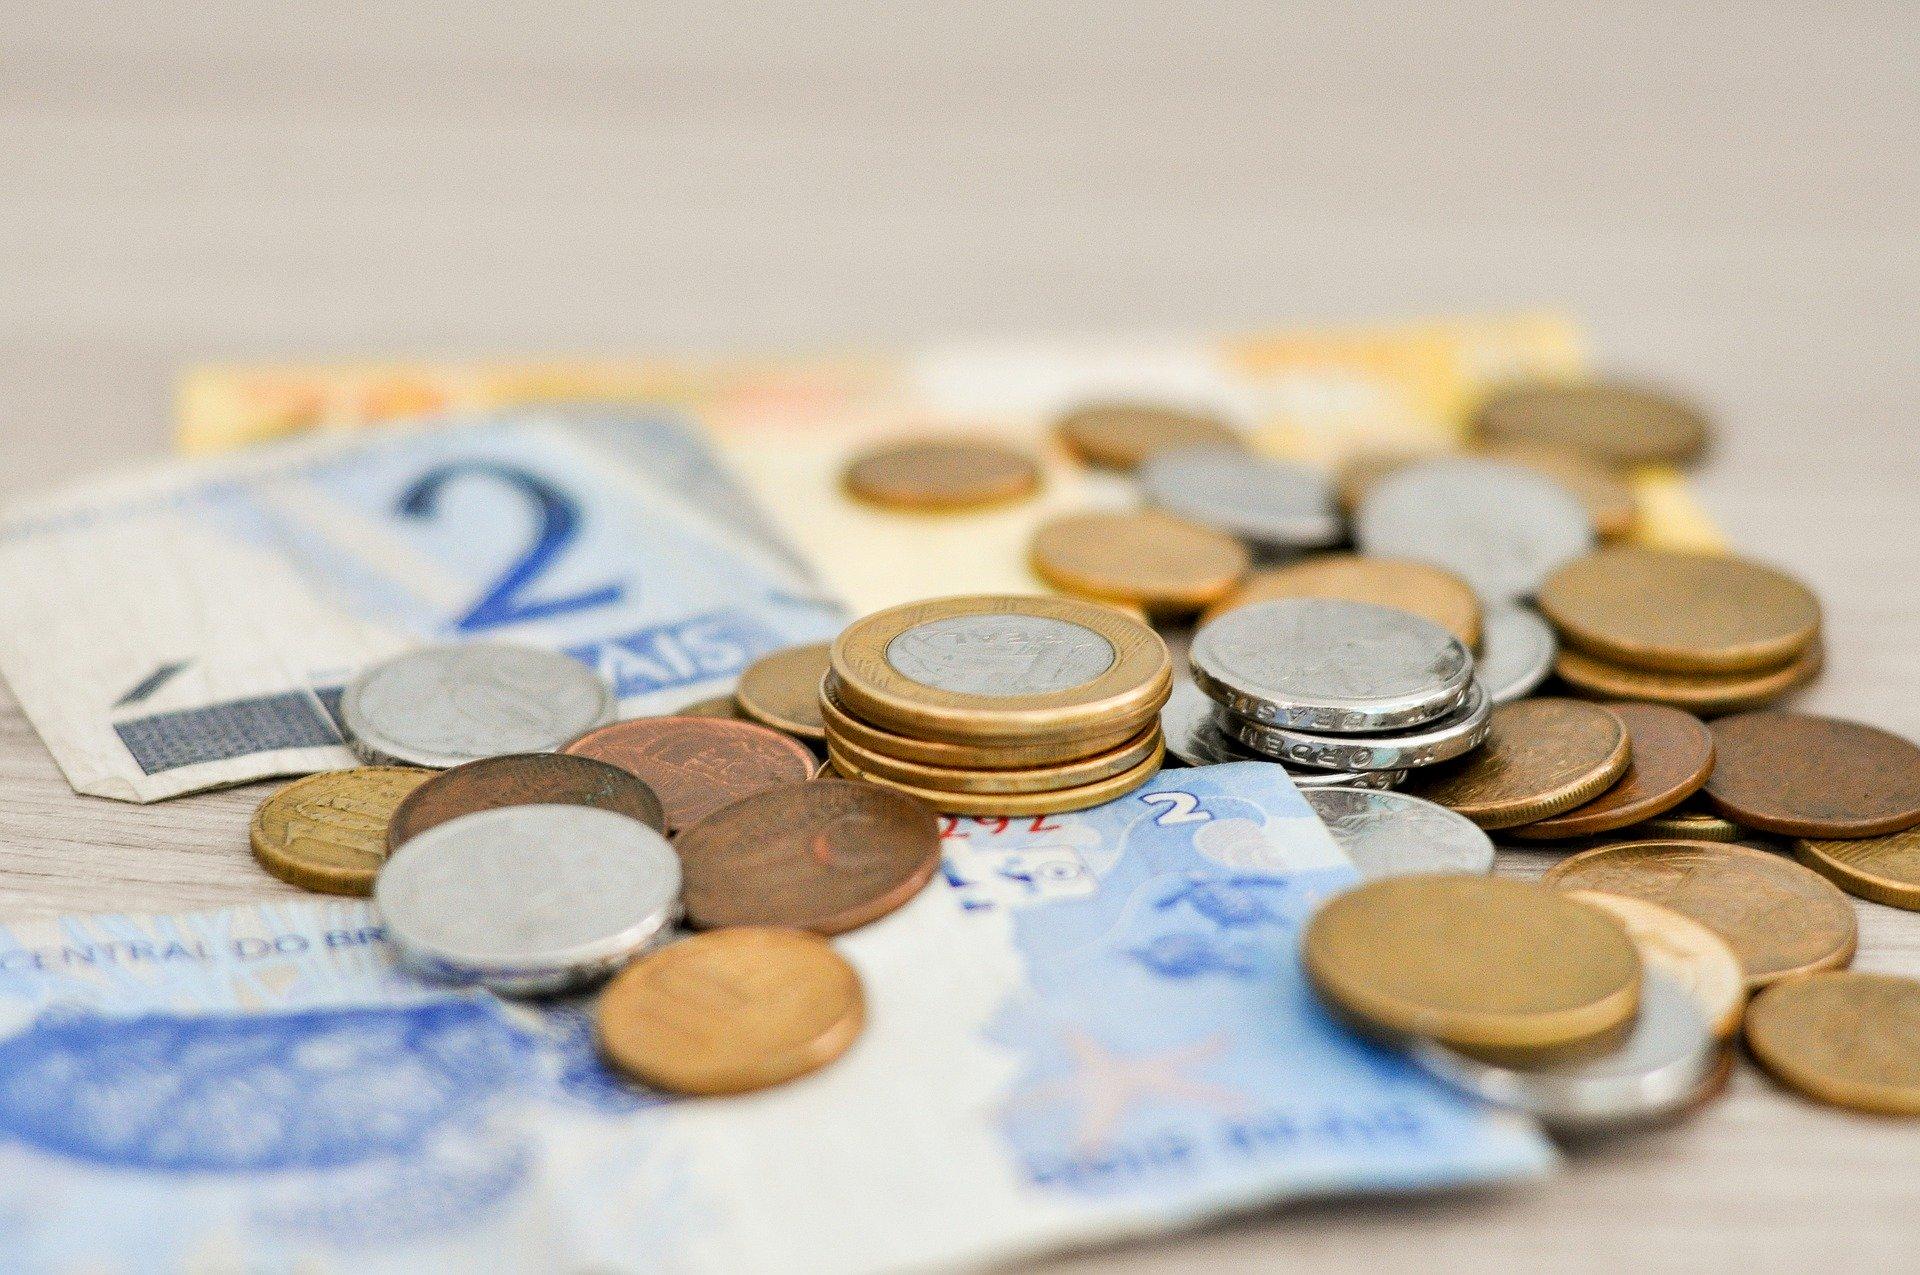 З початку року ДП «Укрхімтрансаміак» сплатило 1,16 млрд гривень ренти